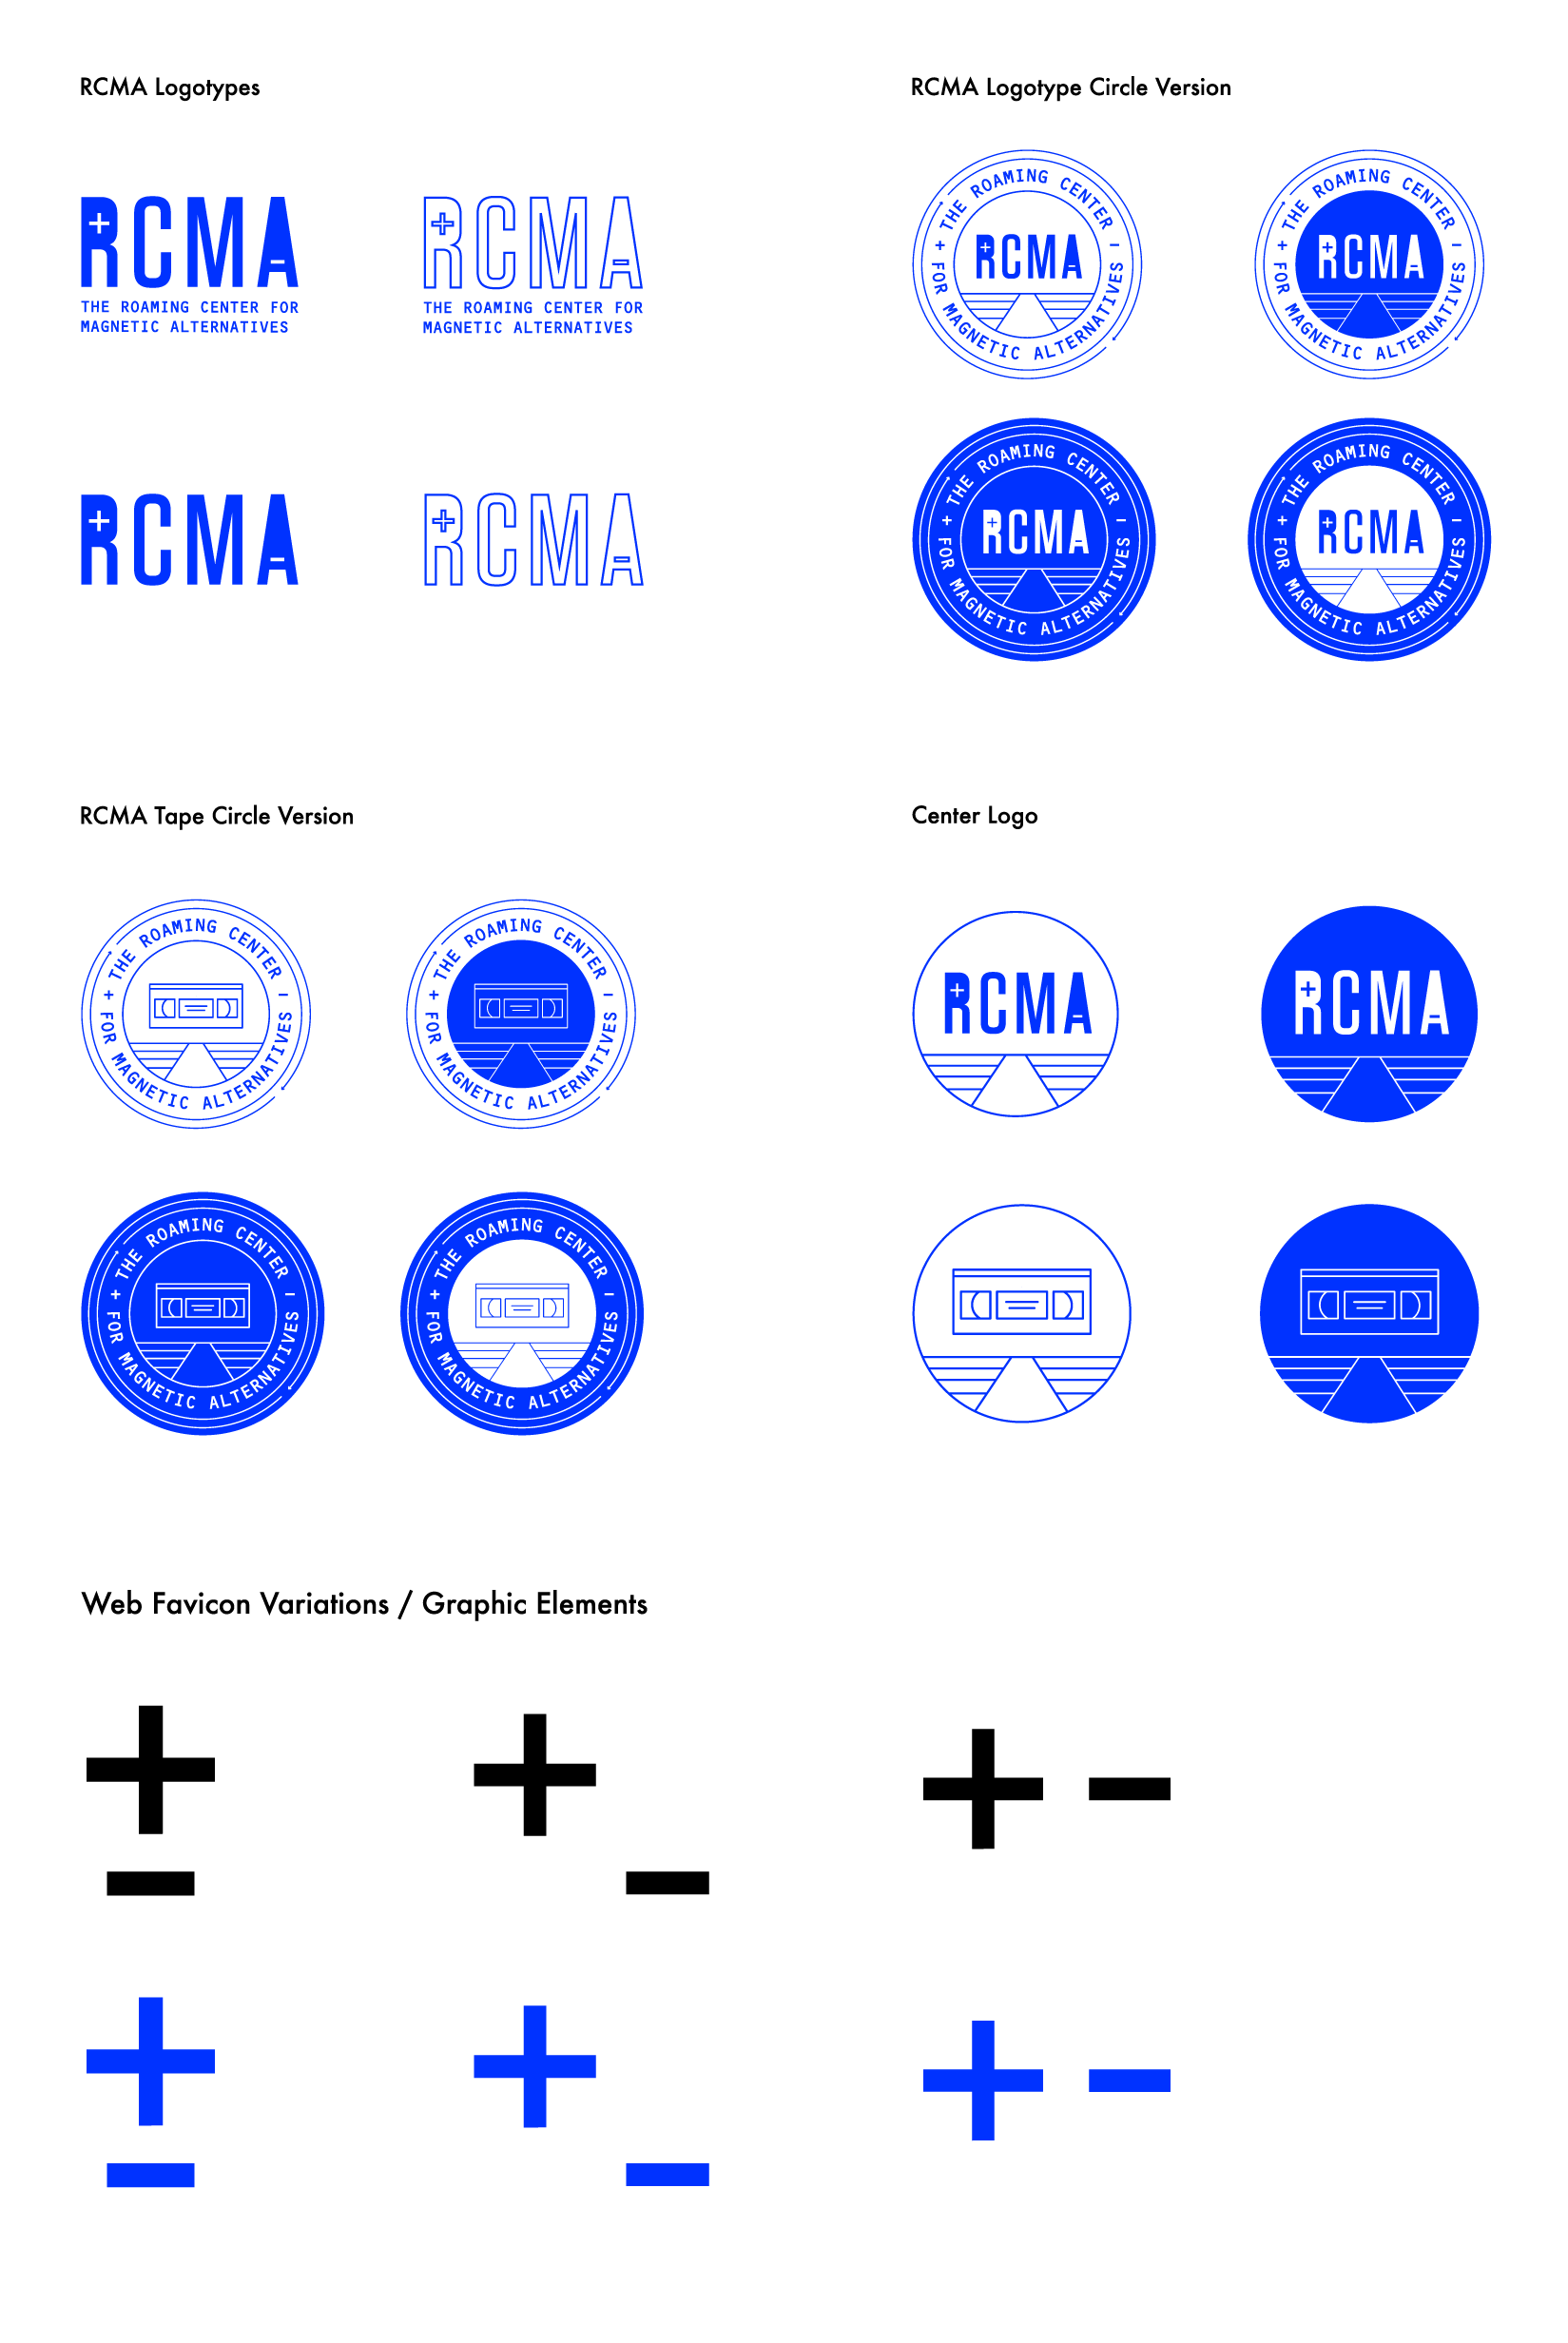 RCMA.png